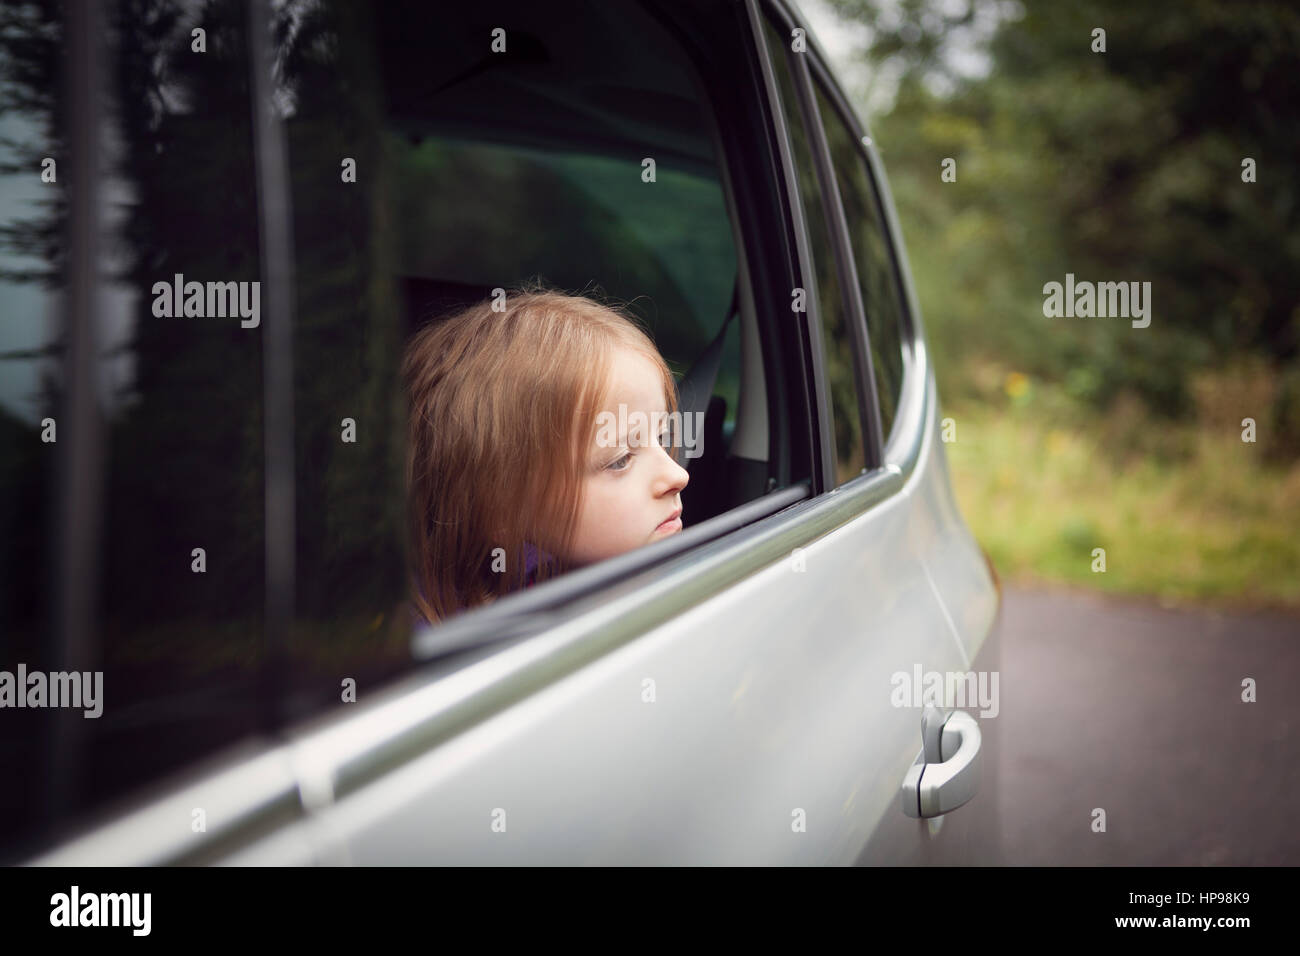 Chica busca fuera de abrir ventana de coche Imagen De Stock